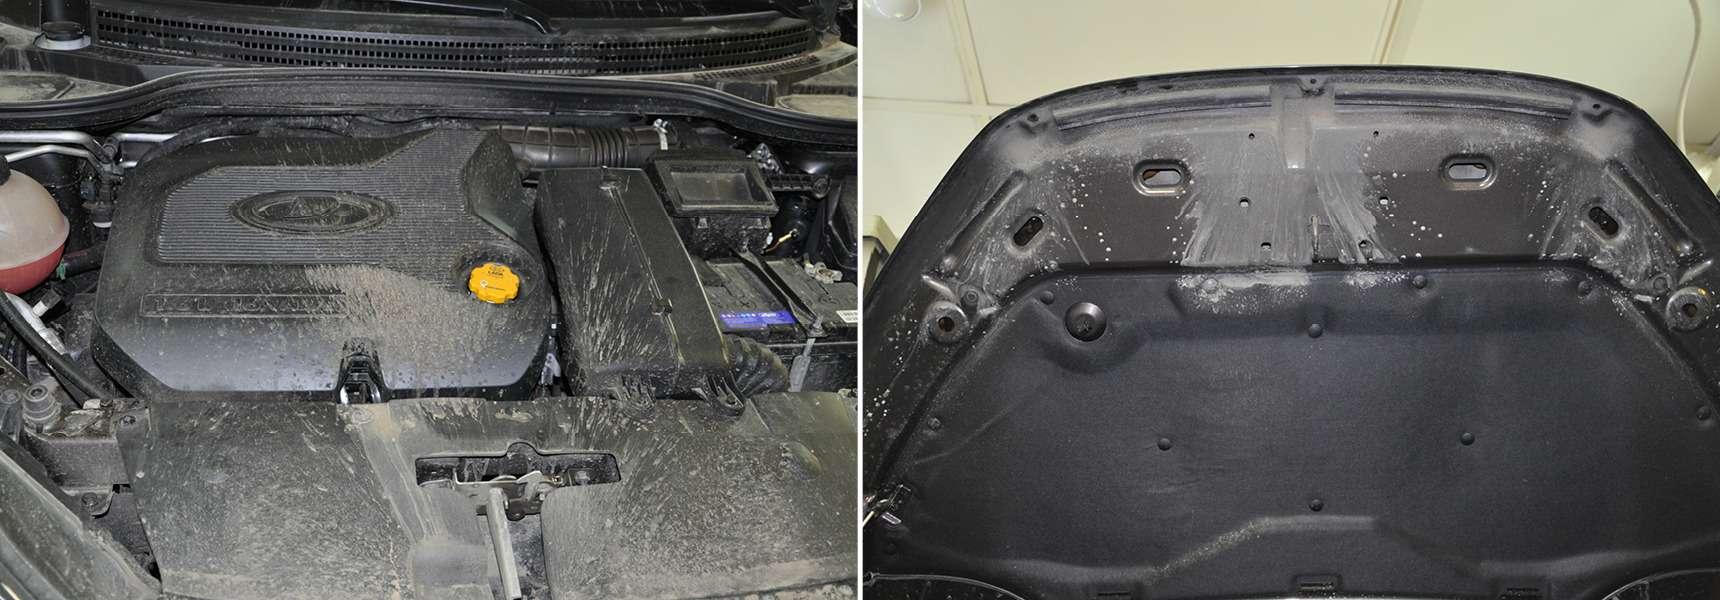 Оцениваем качество сборки Lada Vesta: жертва логистики— фото 588834